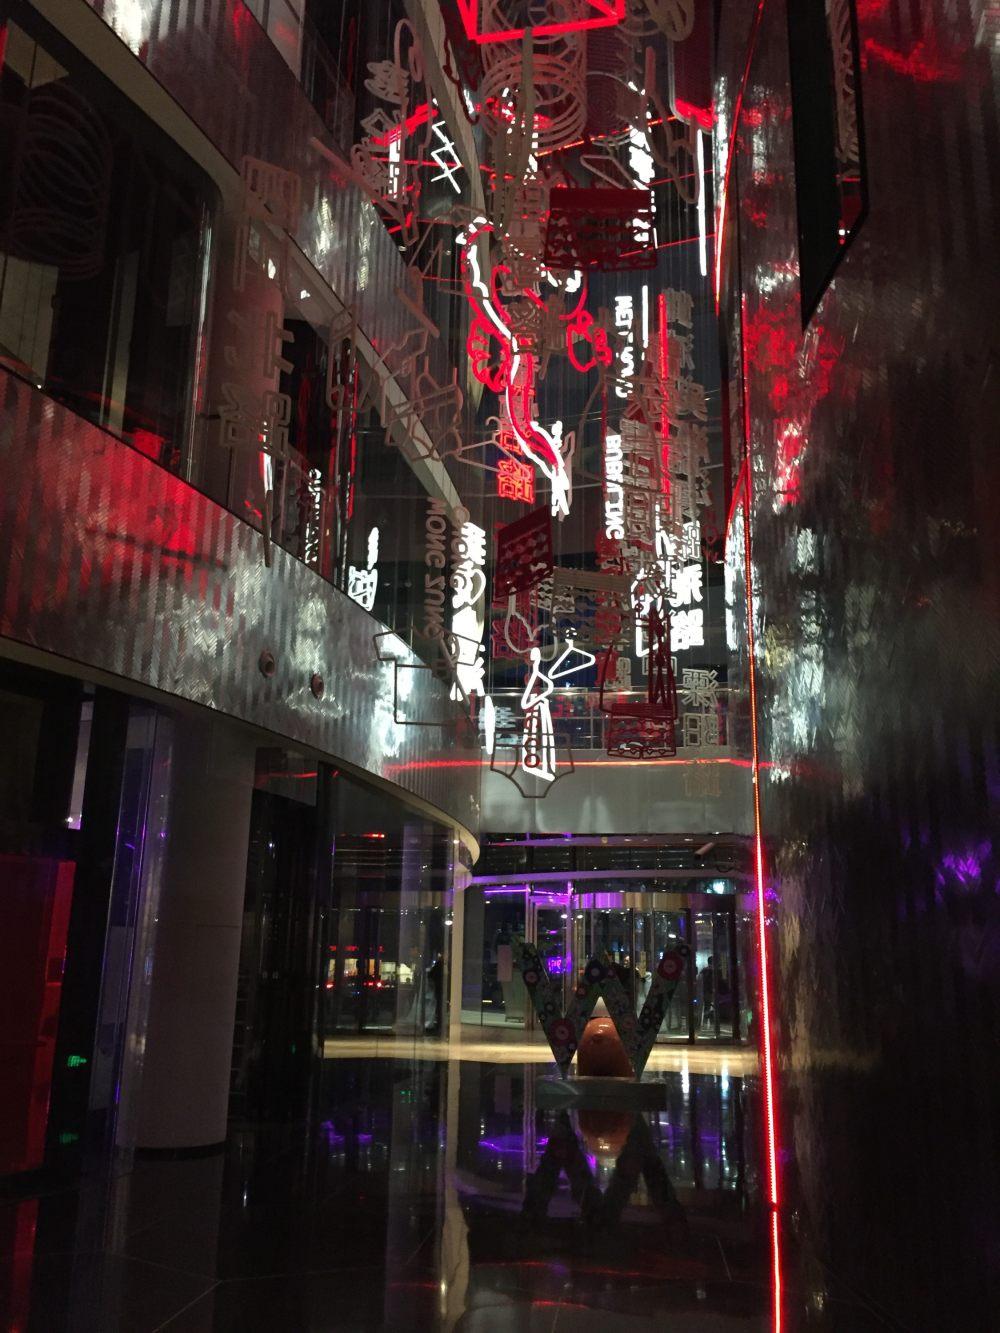 上海外滩W酒店,史上最全入住体验 自拍分享,申请置...._IMG_5935.JPG